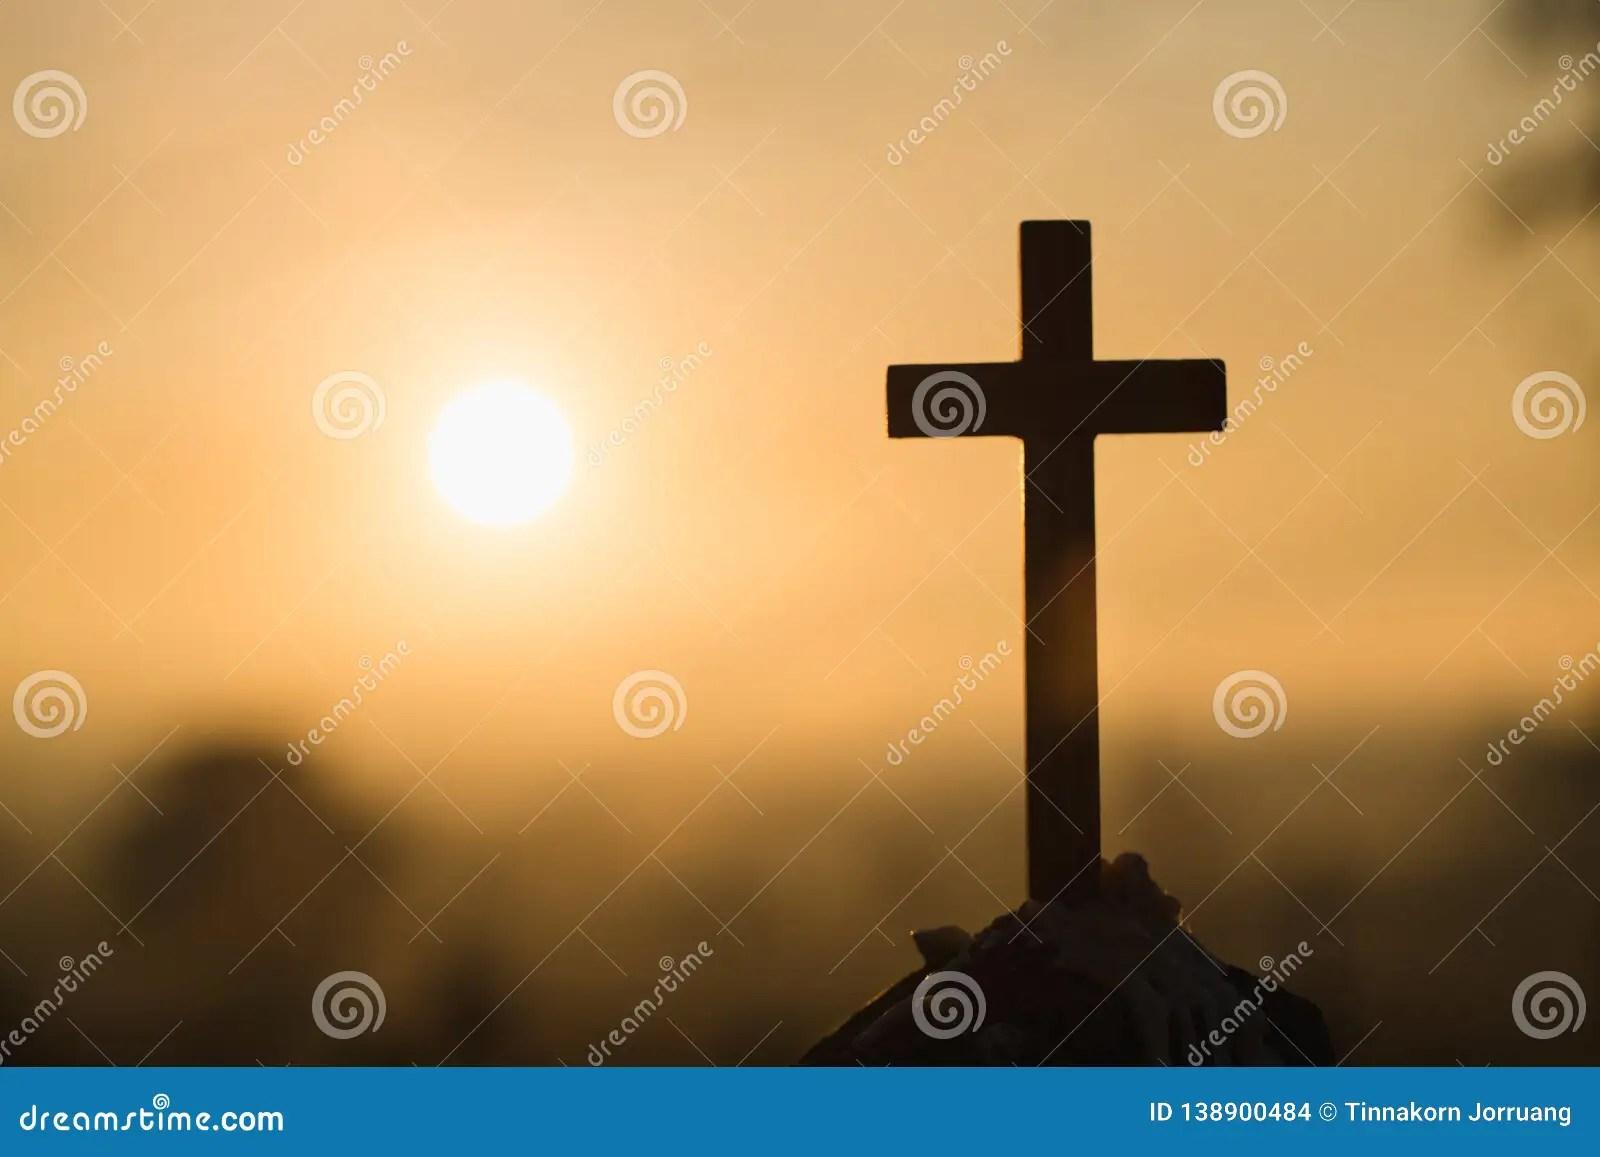 jesus christ cross easter